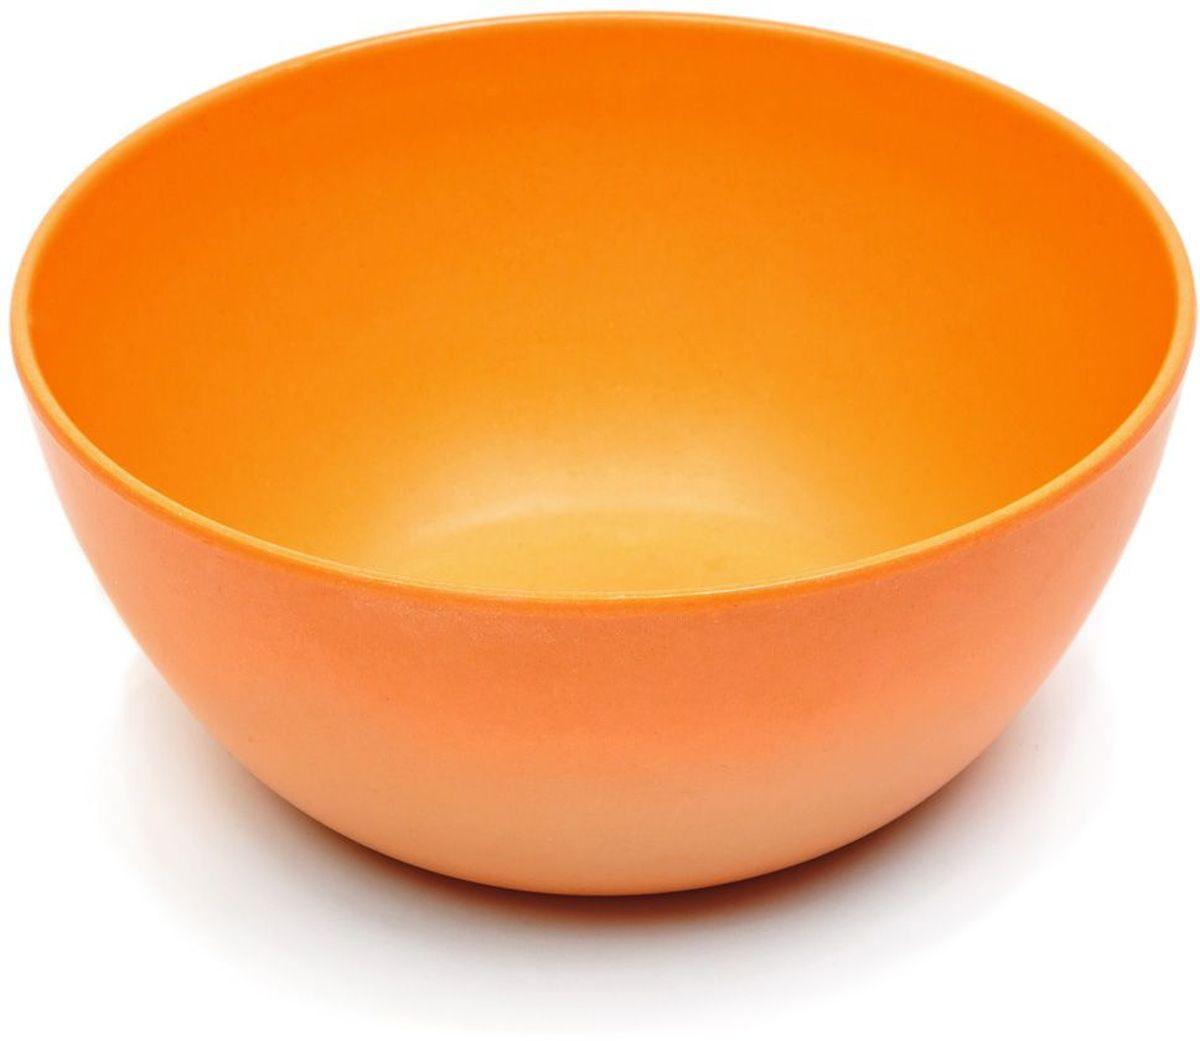 Миска MoulinVilla, цвет: оранжевый, диаметр 16 смTSF-22-OМиска глубокая MOULINvilla изготовлена из природного бамбука, очищенного от вредных примесей. Для окраски используются натуральные пищевые красители. Бамбук, сам по себе, является природным антисептиком. Эта уникальная особенность посуды гарантирует безопасность при эксплуатации и хранении различных видов пищевой продукции. Можно мыть в посудомоечной машине. Можно использовать в СВЧ печах на короткое время.